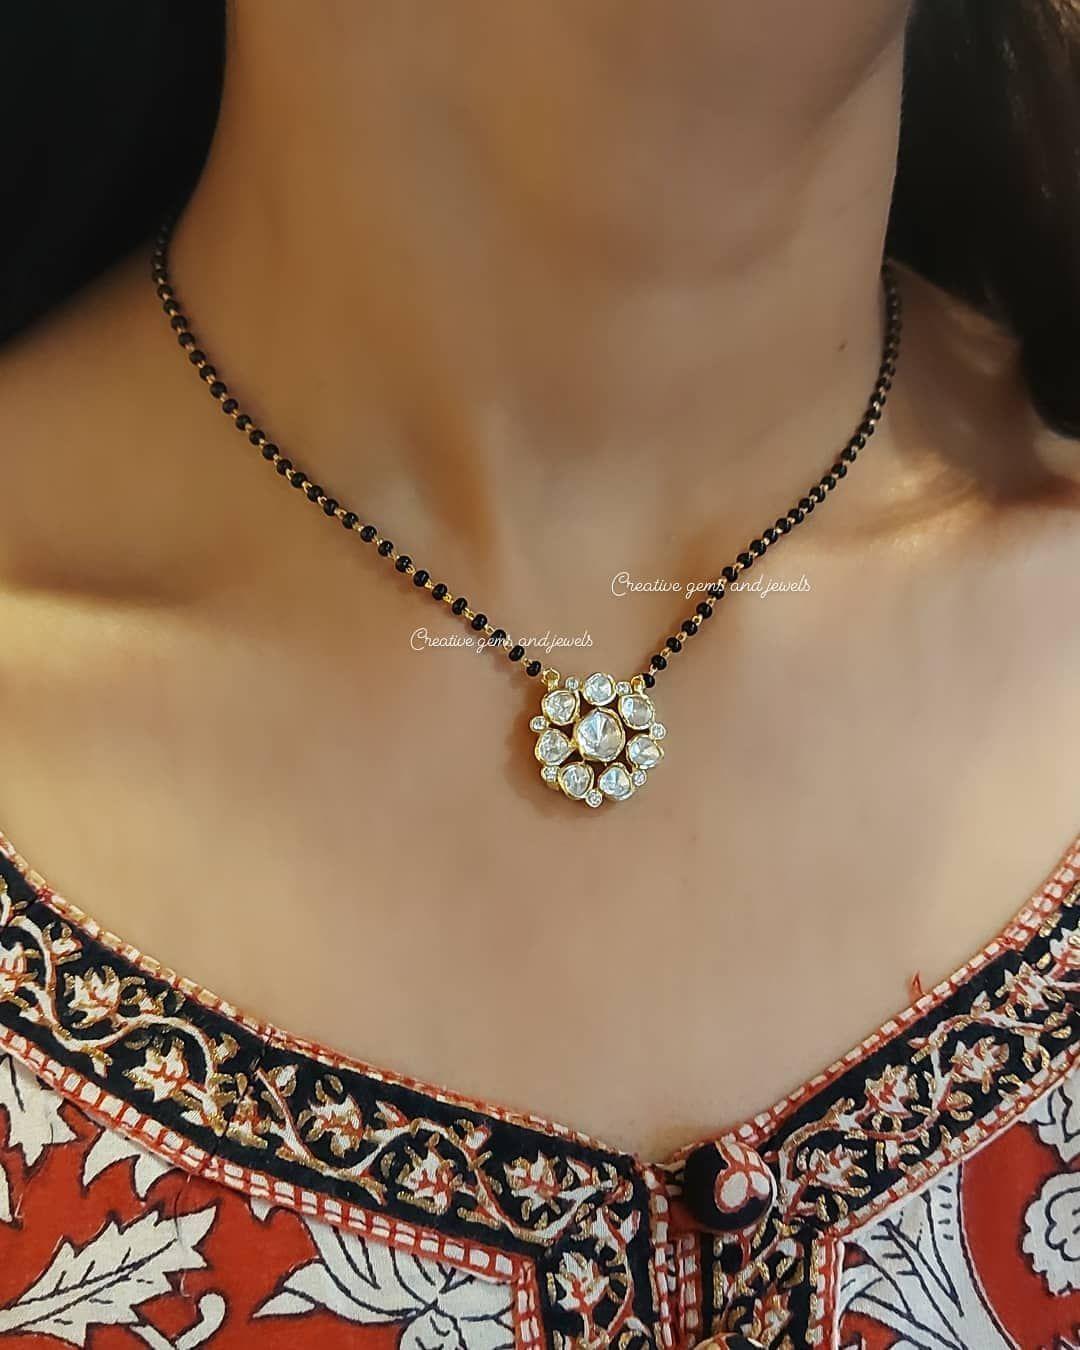 Men Shiny Black Beads Necklace Unisex Black Stones Beads and Gold Pendant Black Necklace Rosary Style for Women Black Japamala